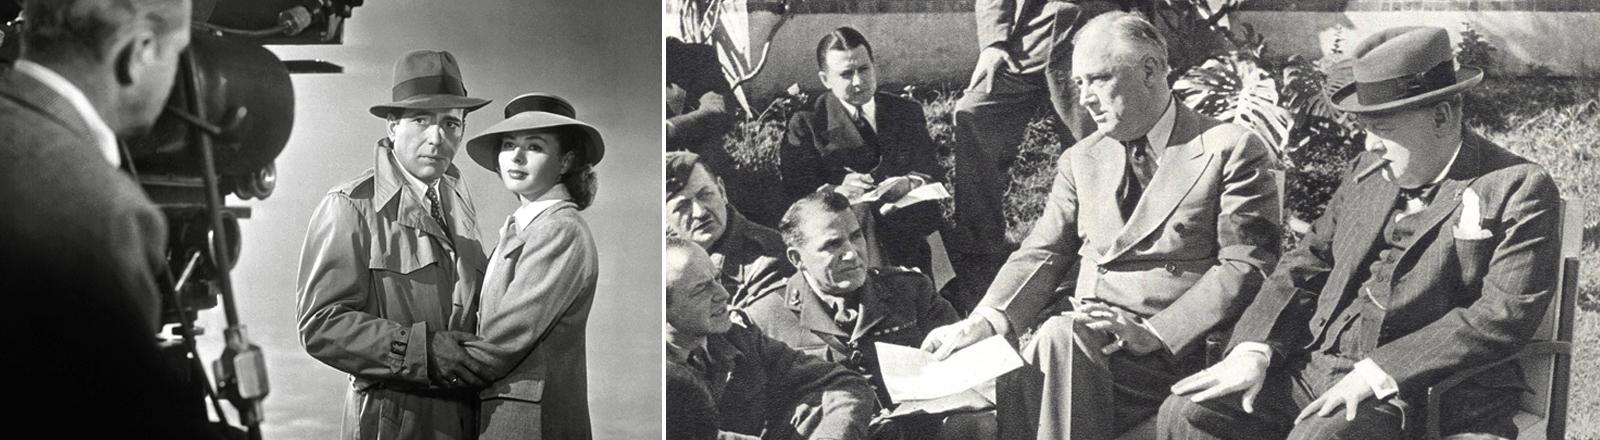 """Humphrey Bogart und Ingrid Bergman in """"Casablanca"""" aus dem Jahr 1943. Im selben Jahr: Geheimtreffen der Anti-Hitler-Koalition zwischen Franklin D. Roosevelt und Winston Churchill."""